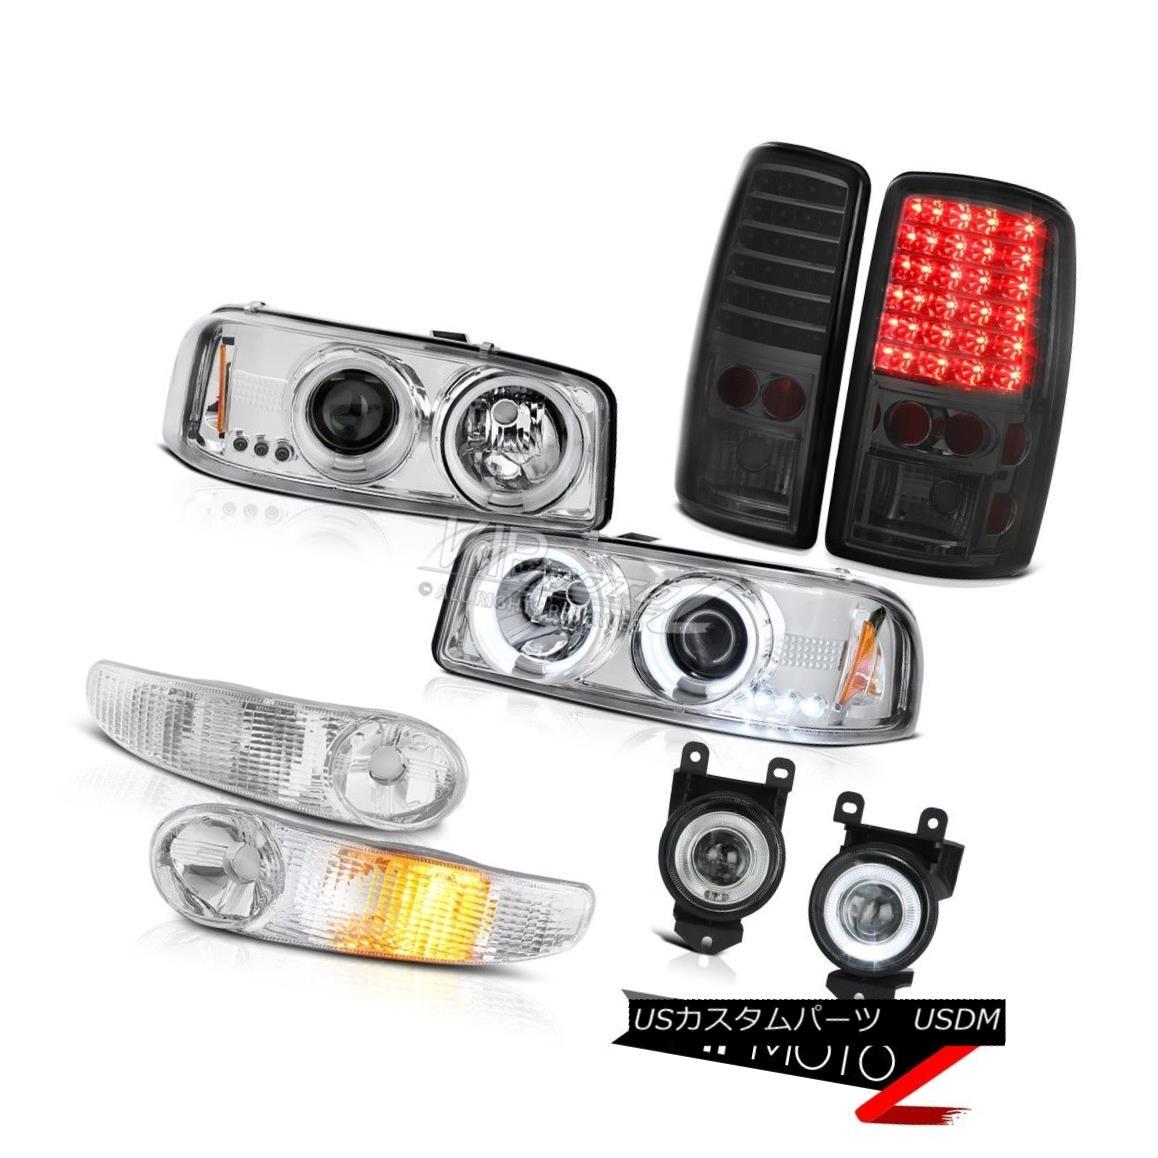 車用品 割り引き バイク用品 >> おトク パーツ ライト ランプ ヘッドライト 01-06 GMC Yukon FogLamp Bumper Projector Smoke Taillight CCFLハロープロジェクターヘッドライトバンパースモークLEDテールライトフォグランプ Halo CCFL LED Headlight